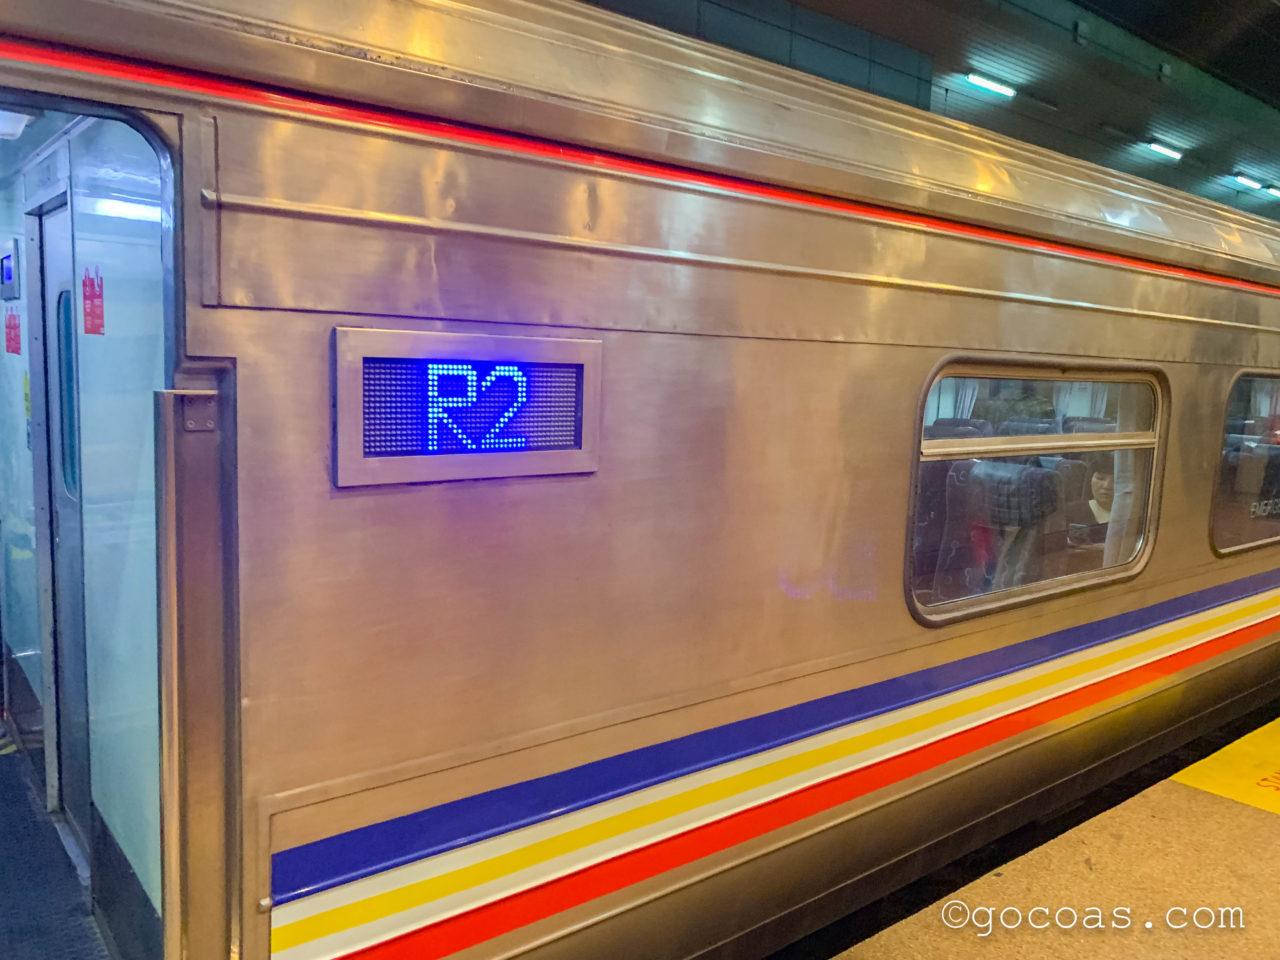 マレー鉄道のGEMAS駅で乗る電車